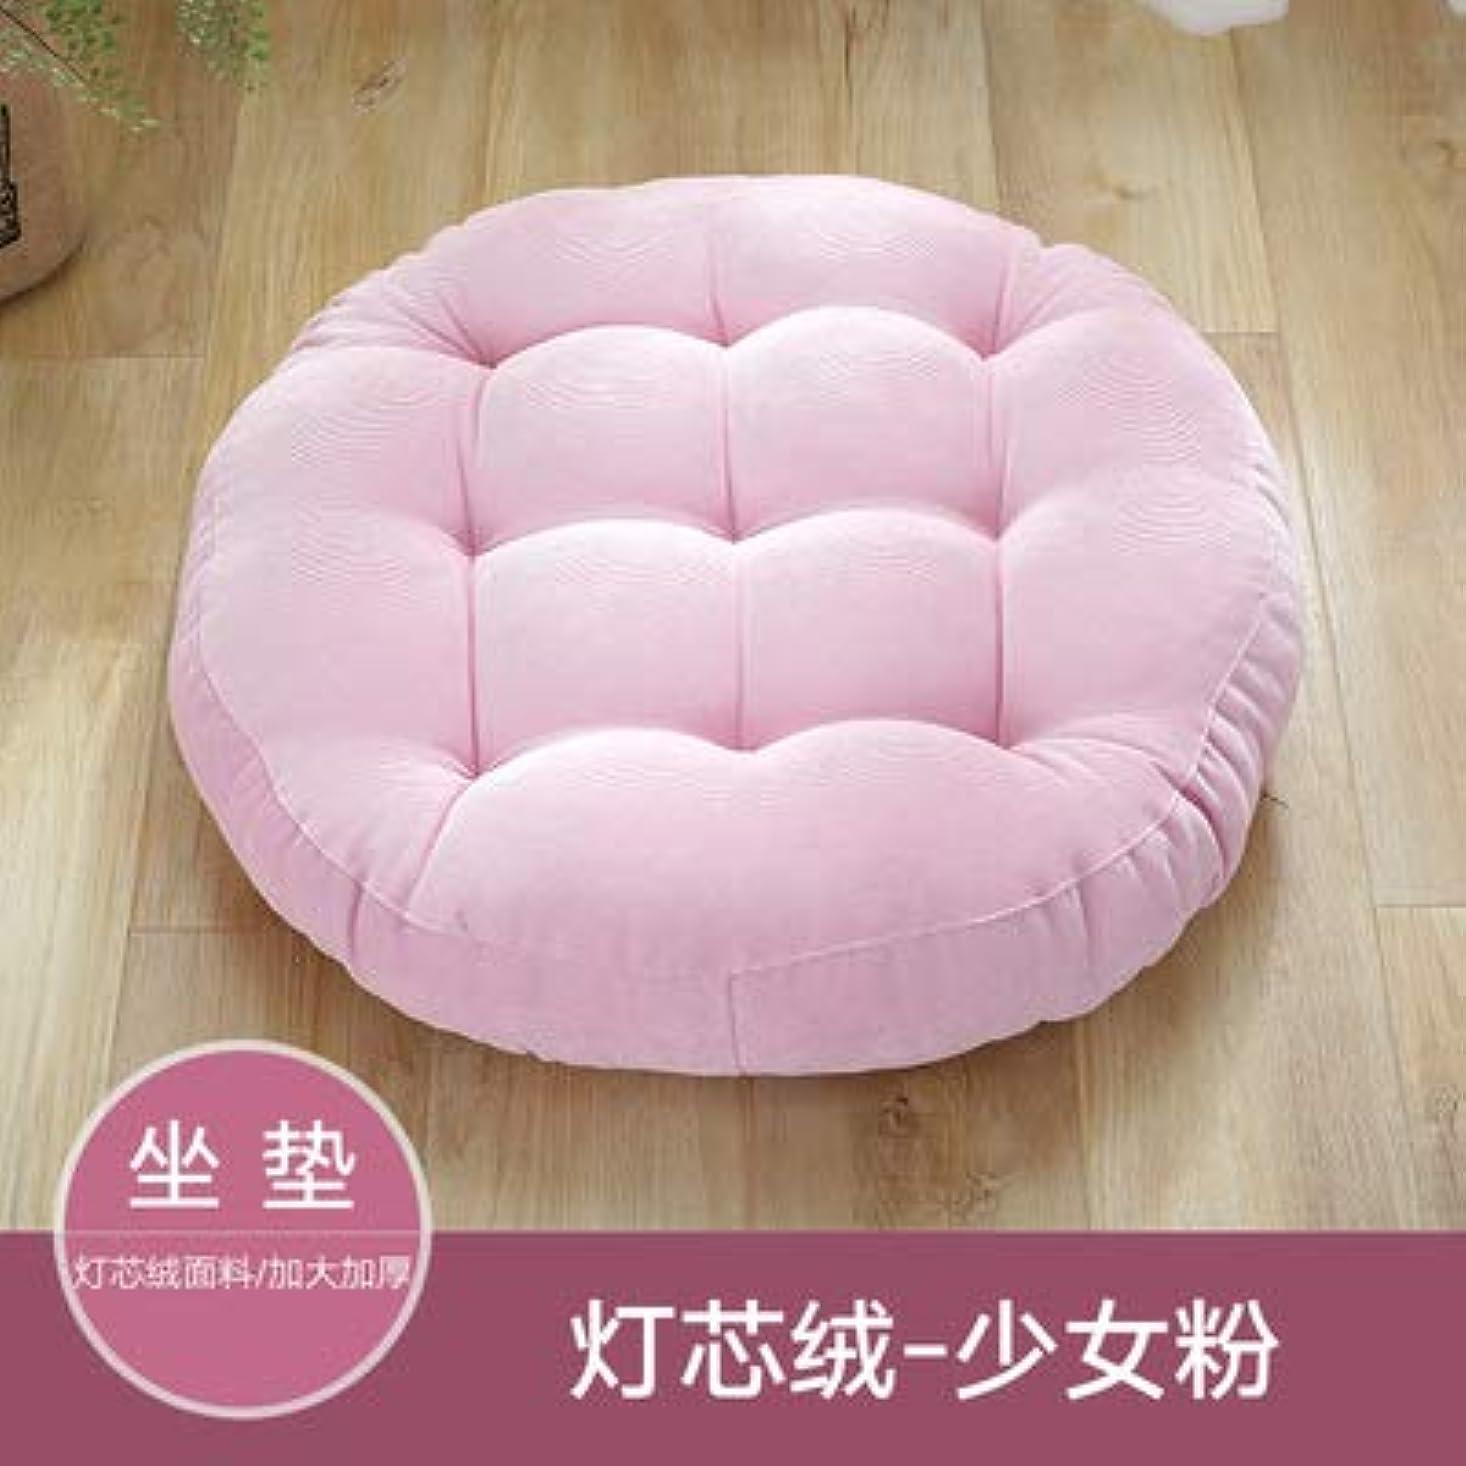 メンダシティ科学的吸収するLIFE ラウンド厚い椅子のクッションフロアマットレスシートパッドソフトホームオフィスチェアクッションマットソフトスロー枕最高品質の床クッション クッション 椅子